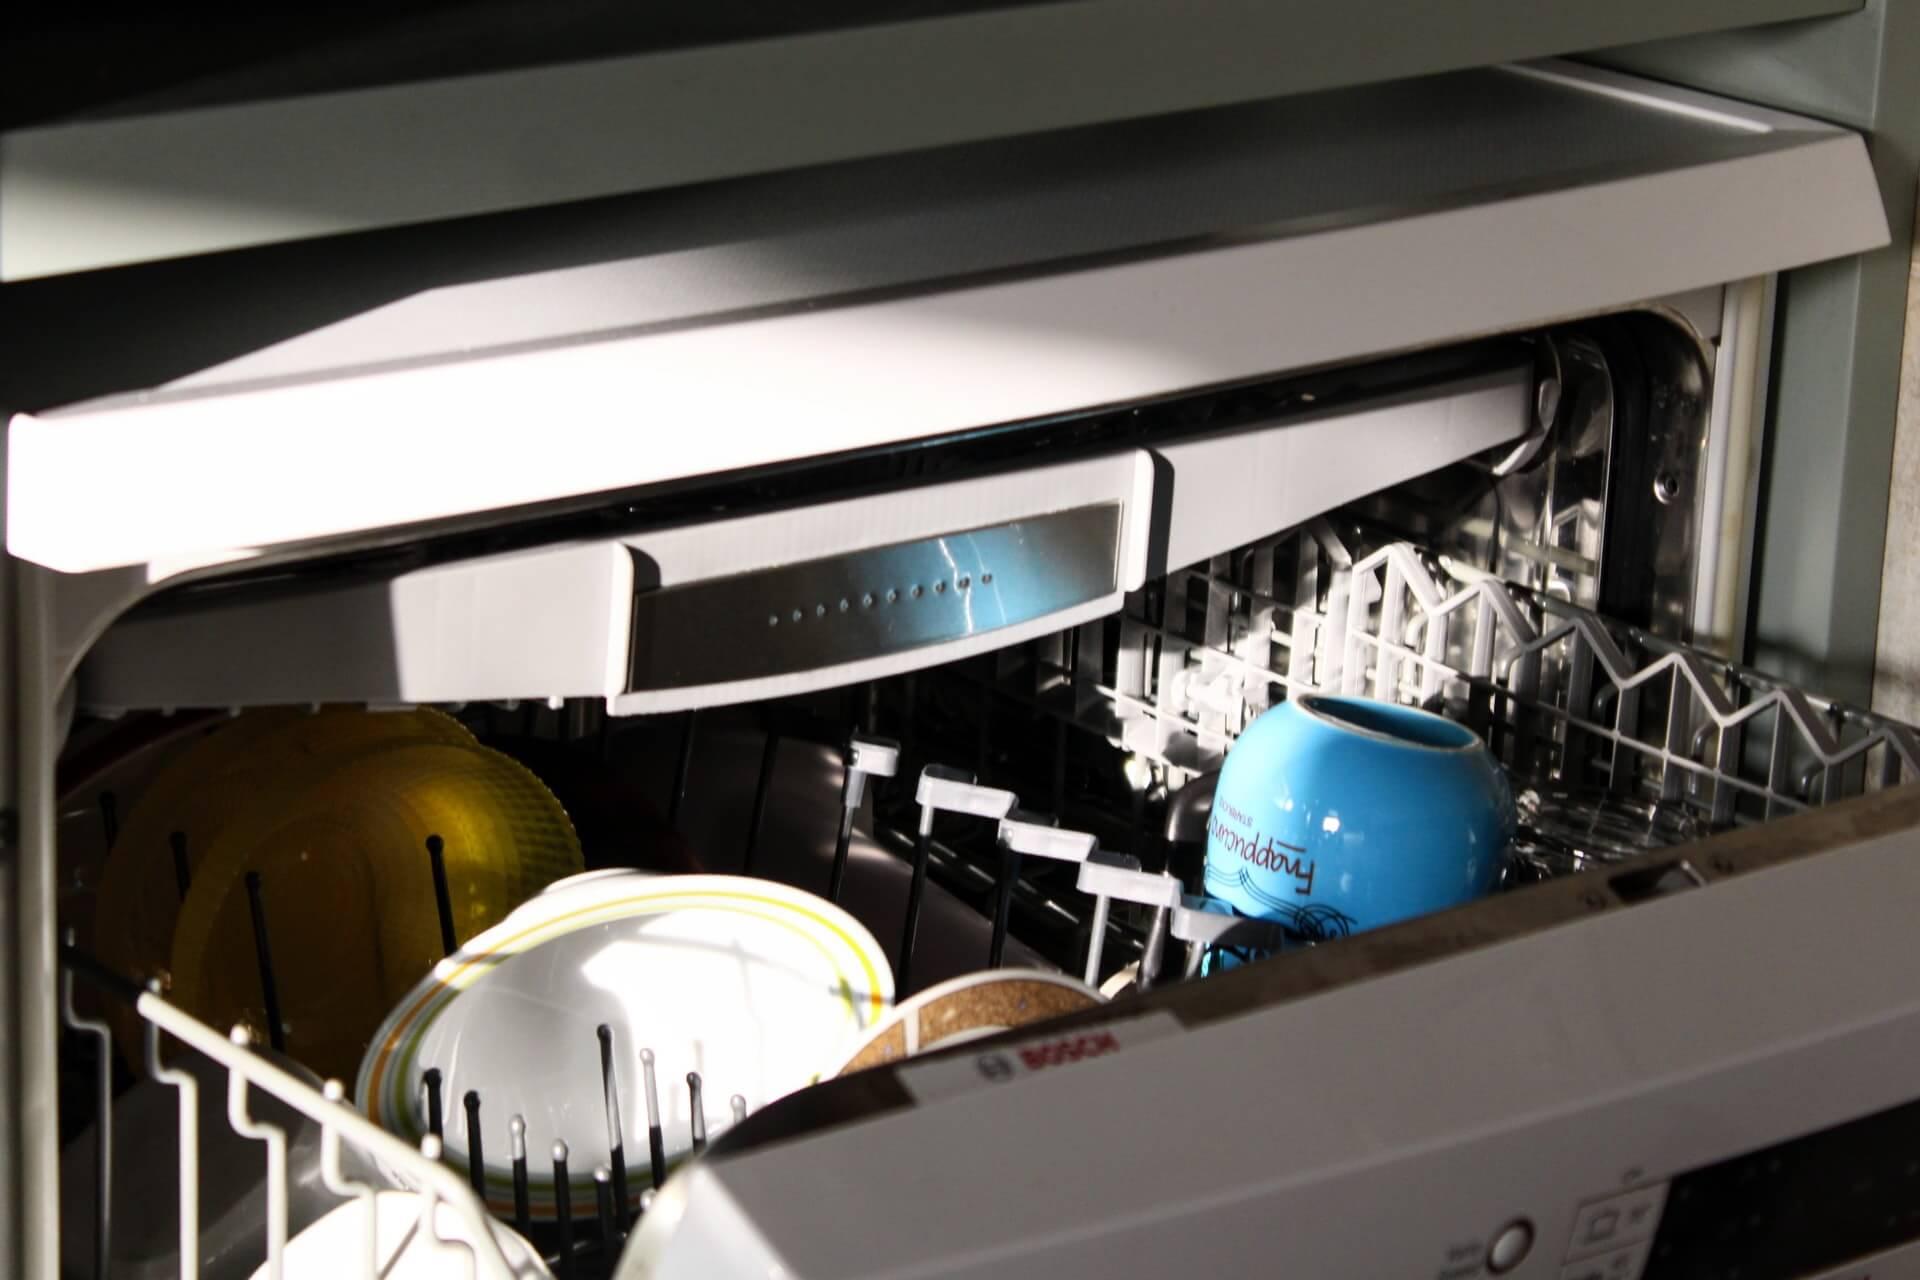 Dishwasher Brands for Indian Kitchens